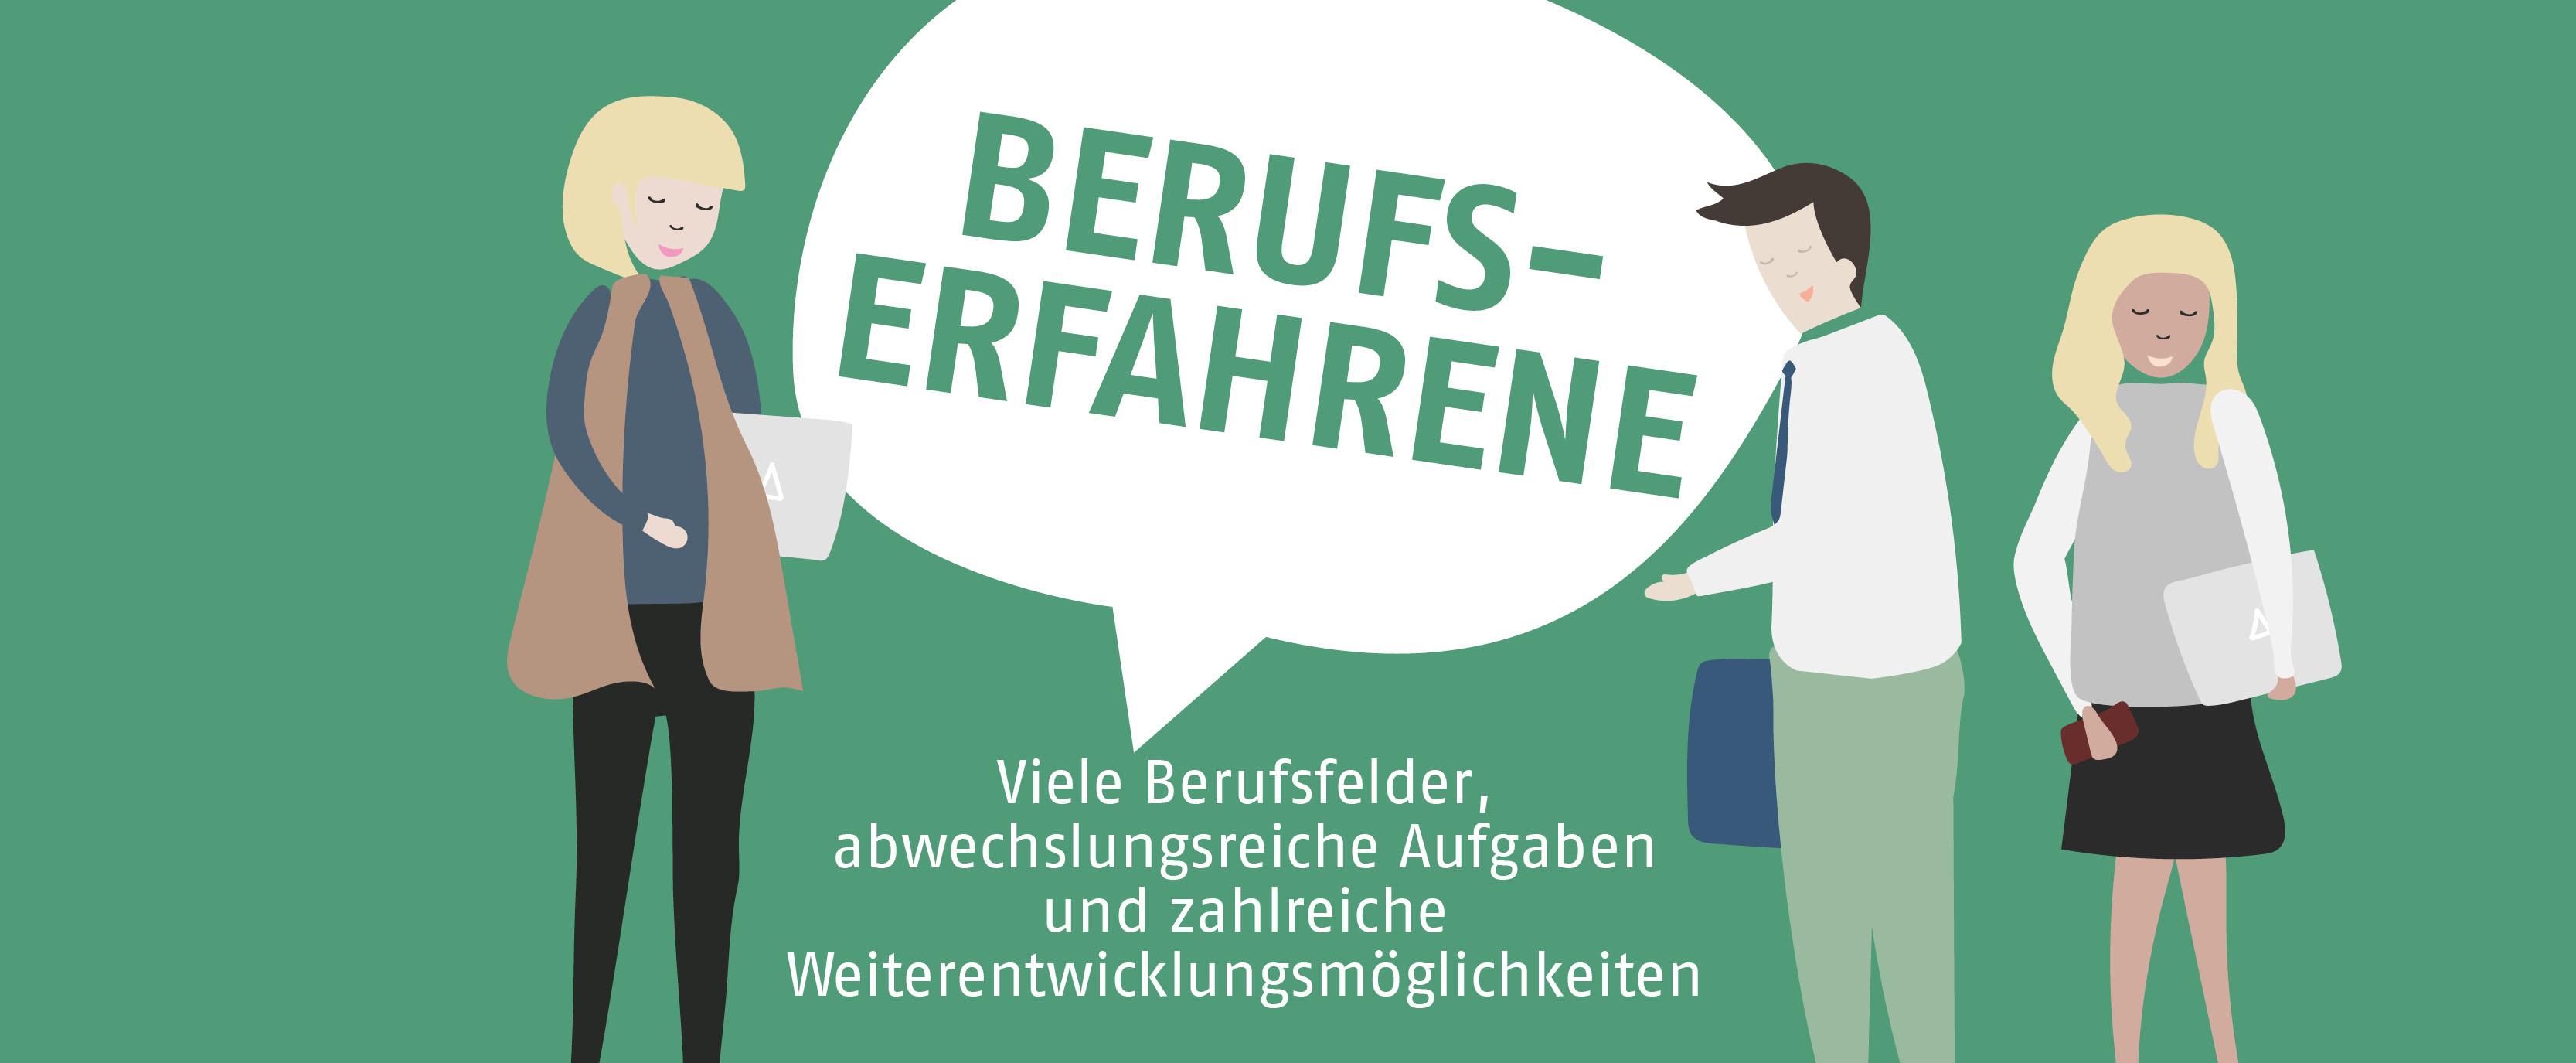 AWO Bezirksverband Ober- und Mittelfranken e. V. - Berufserfahrene